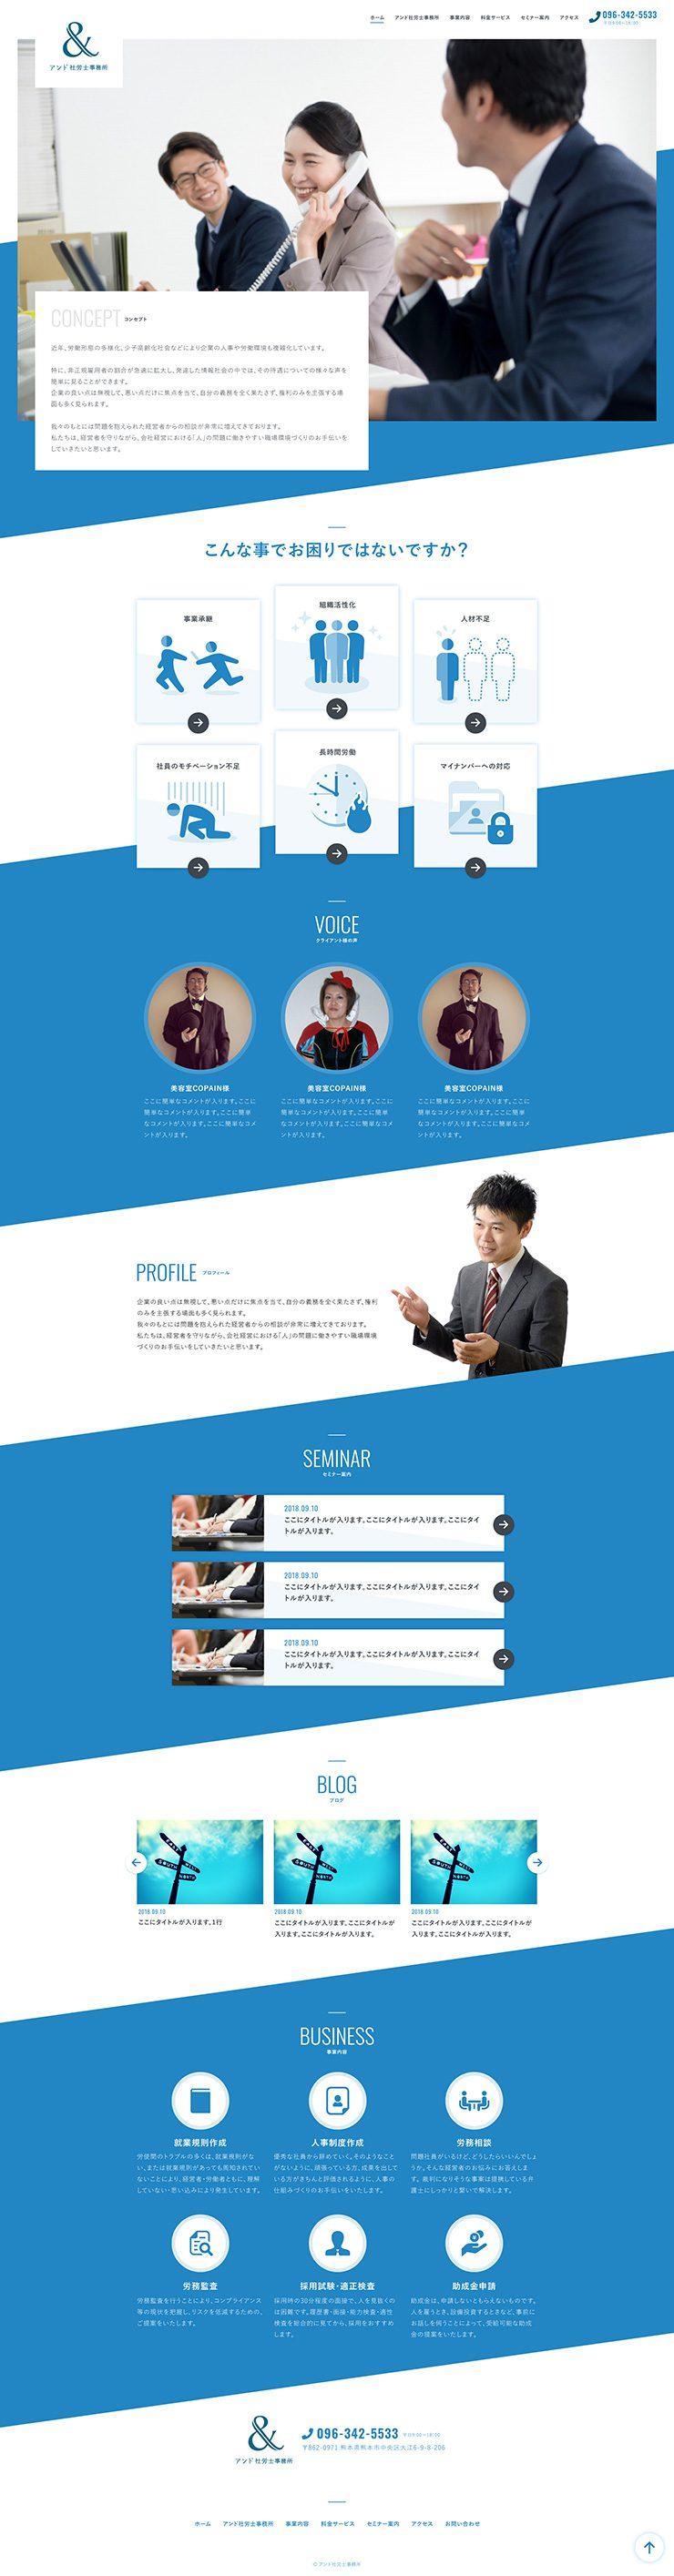 社労士事務所のホームページ01